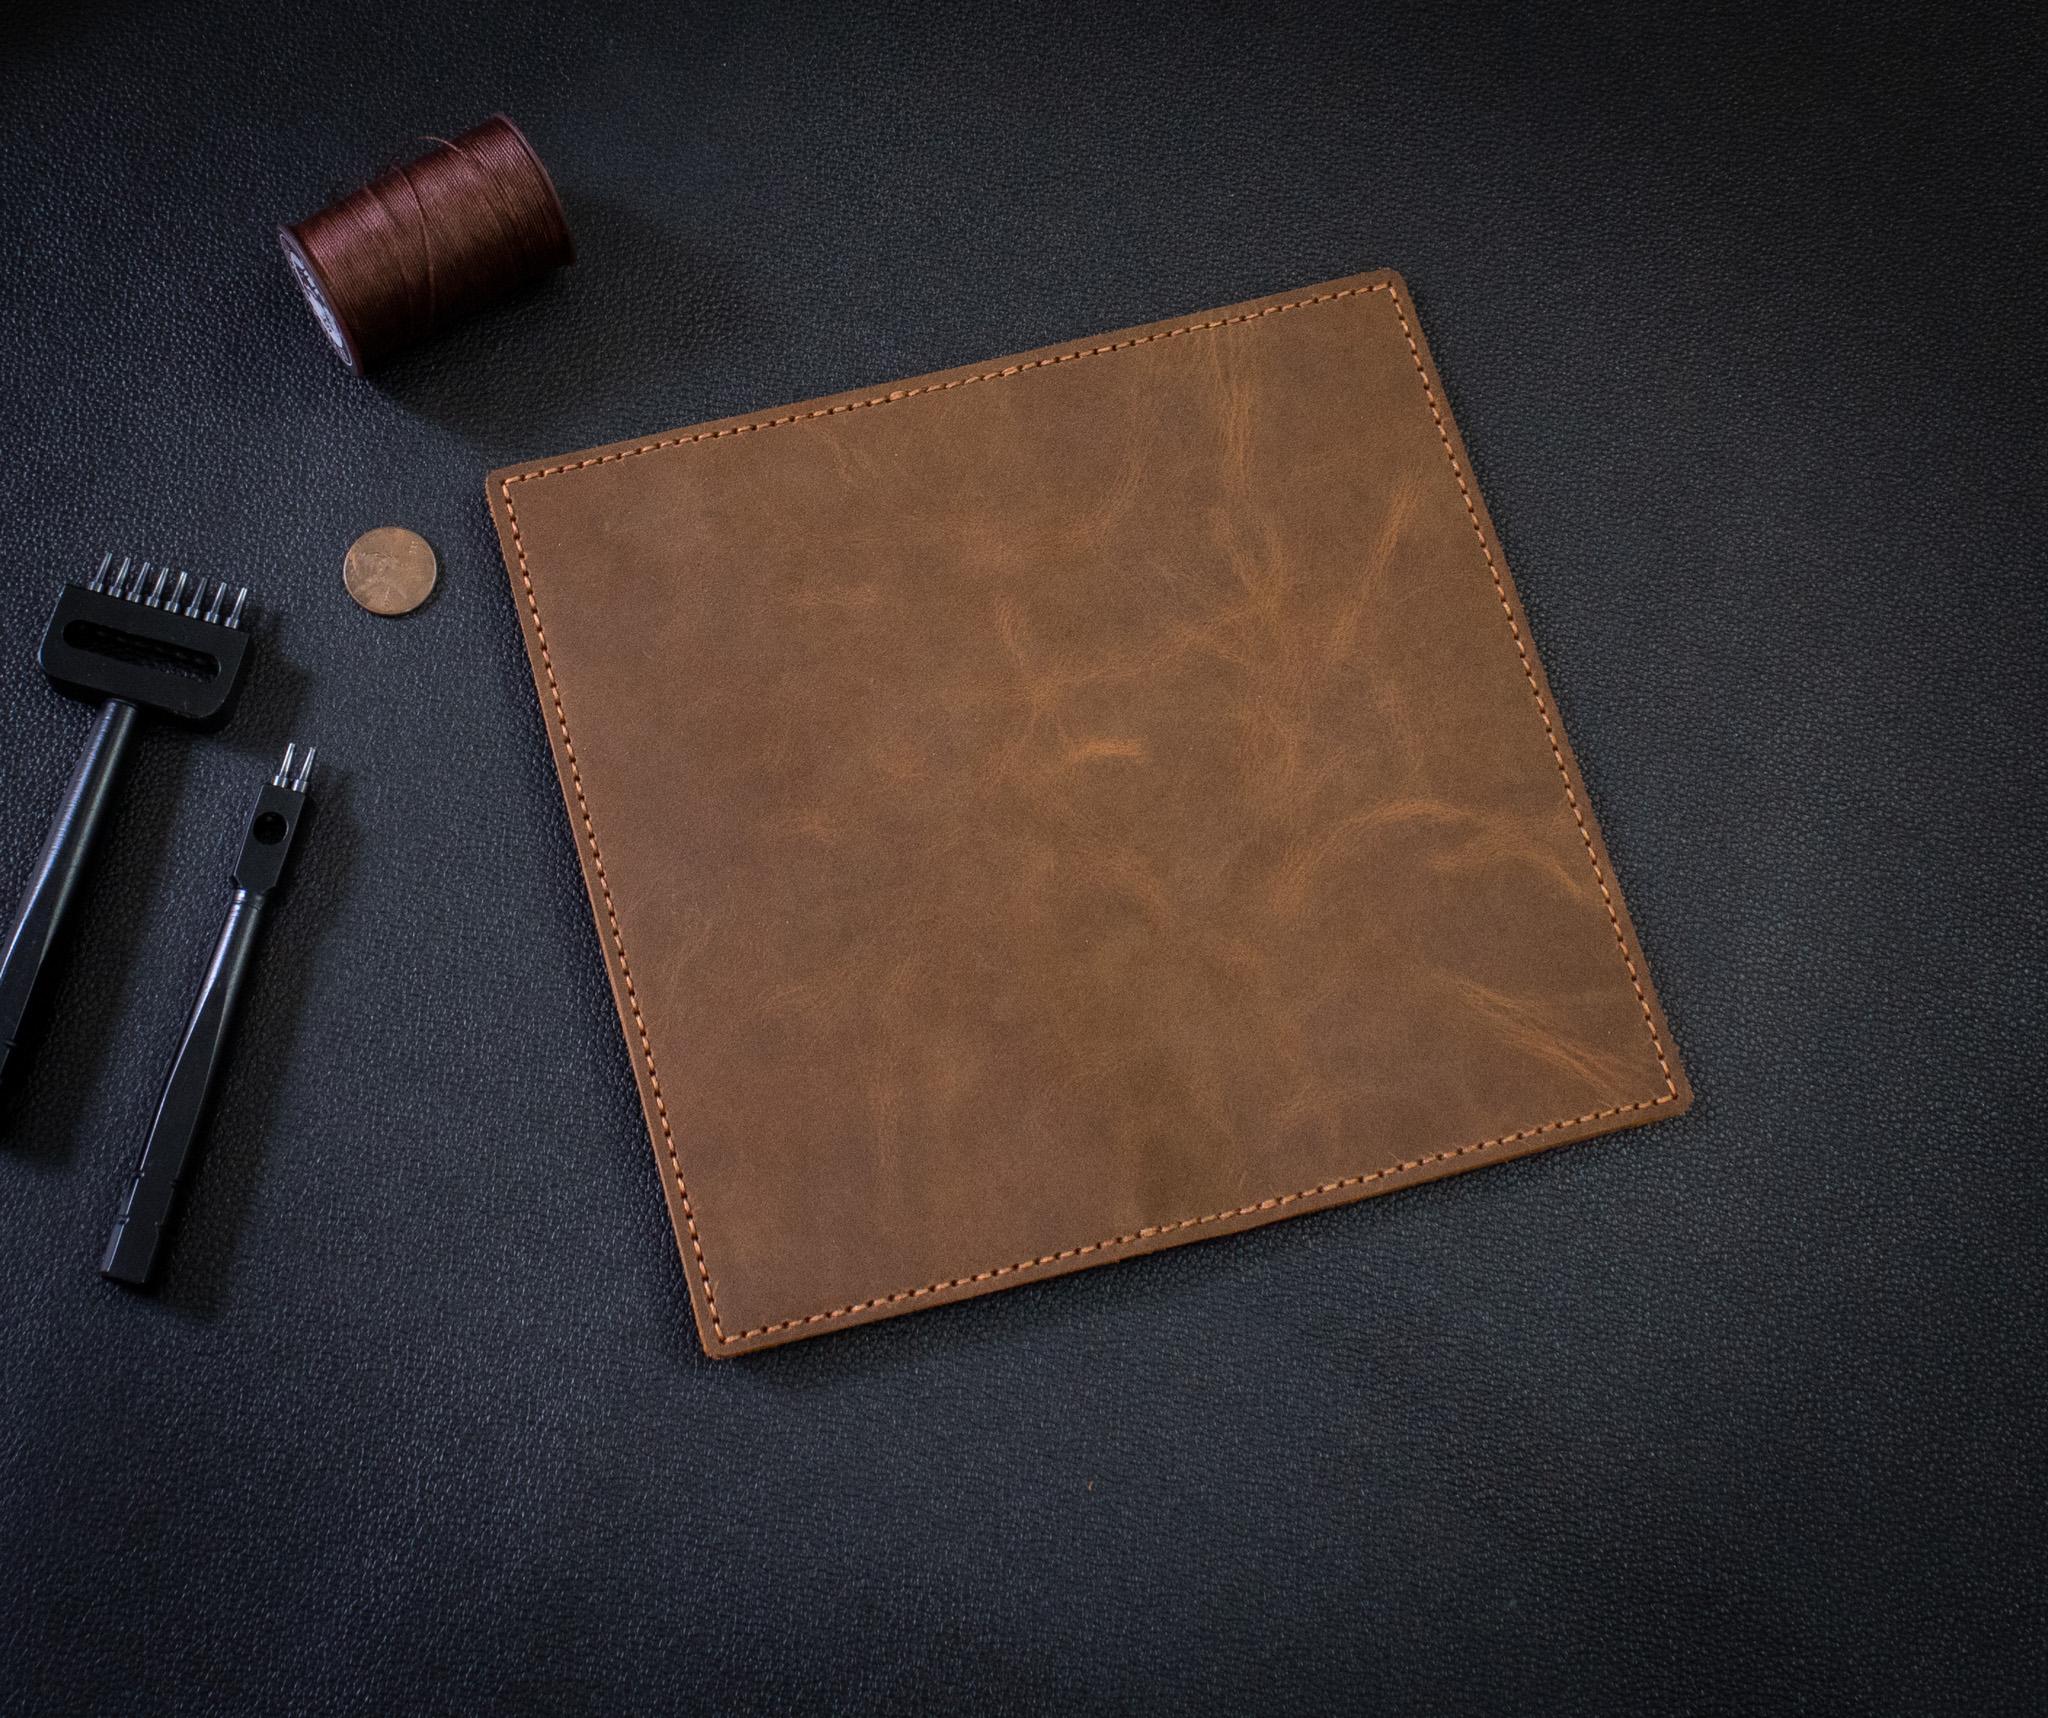 Ví Da Cầm Tay Handmade Phiên bản Unisex VST1